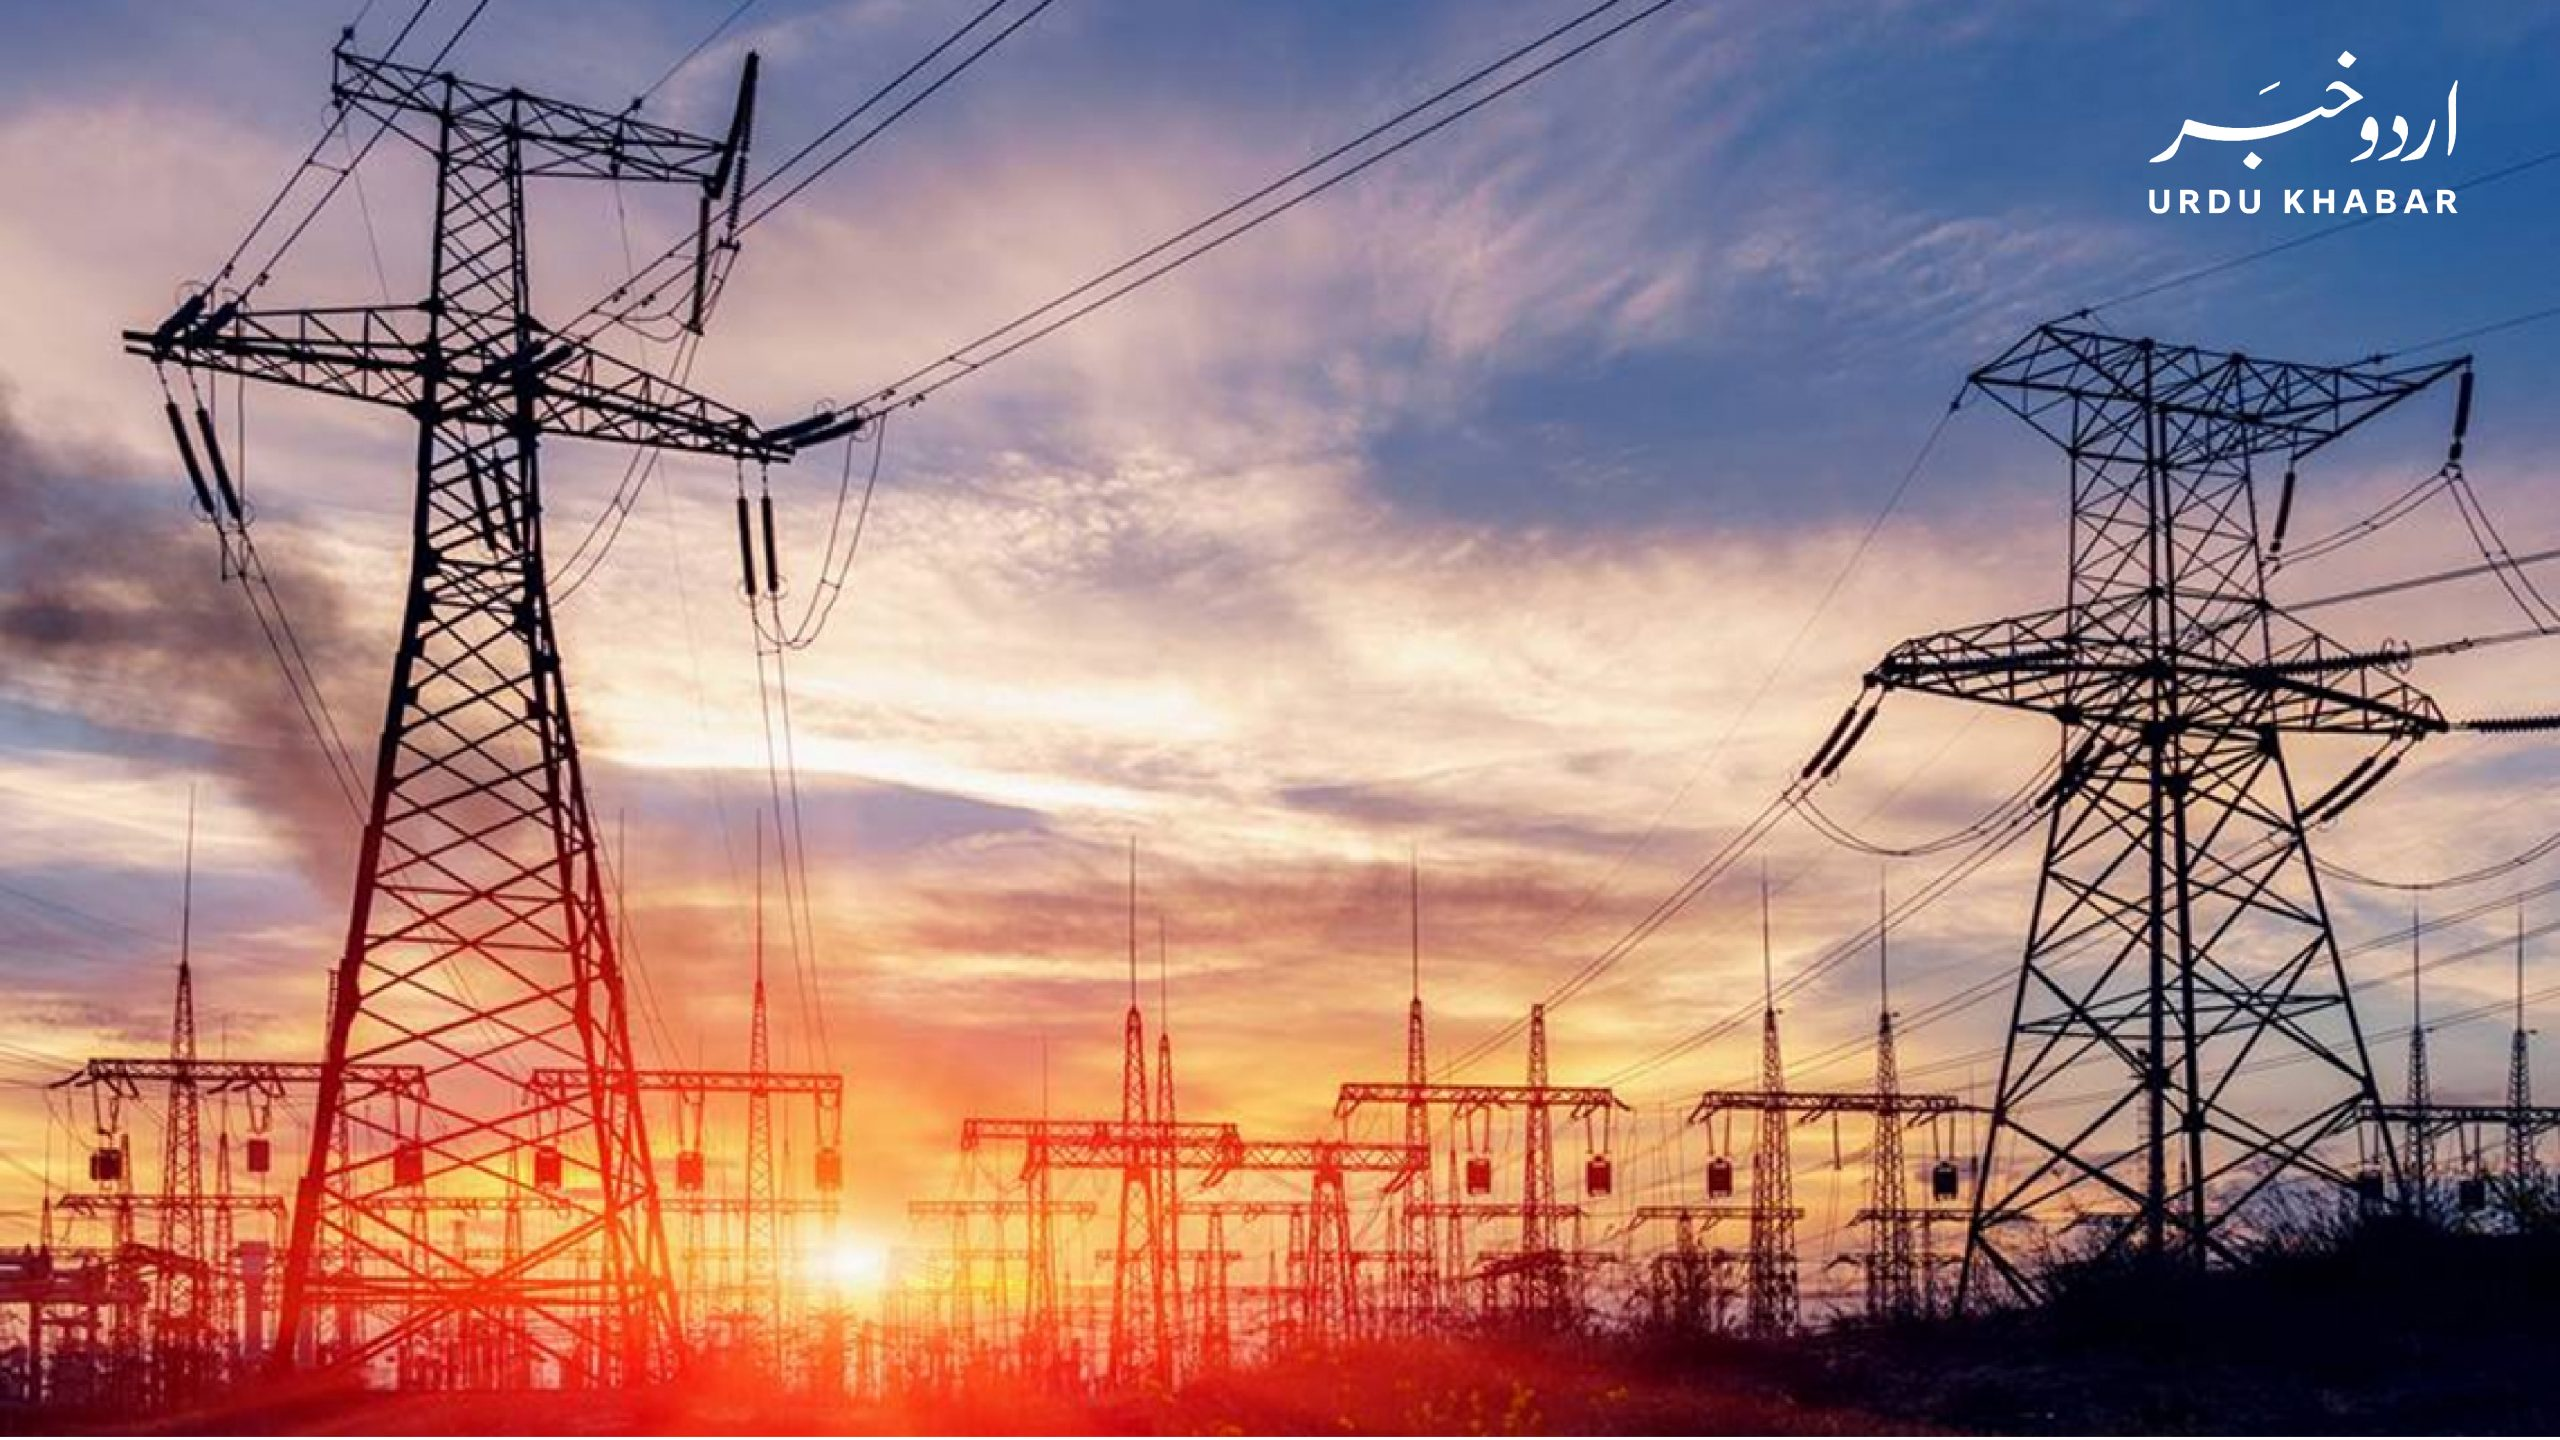 پاکستان میں بجلی کی کمی نہیں زیادتی، نیا مسئلہ کھڑا ہو گیا